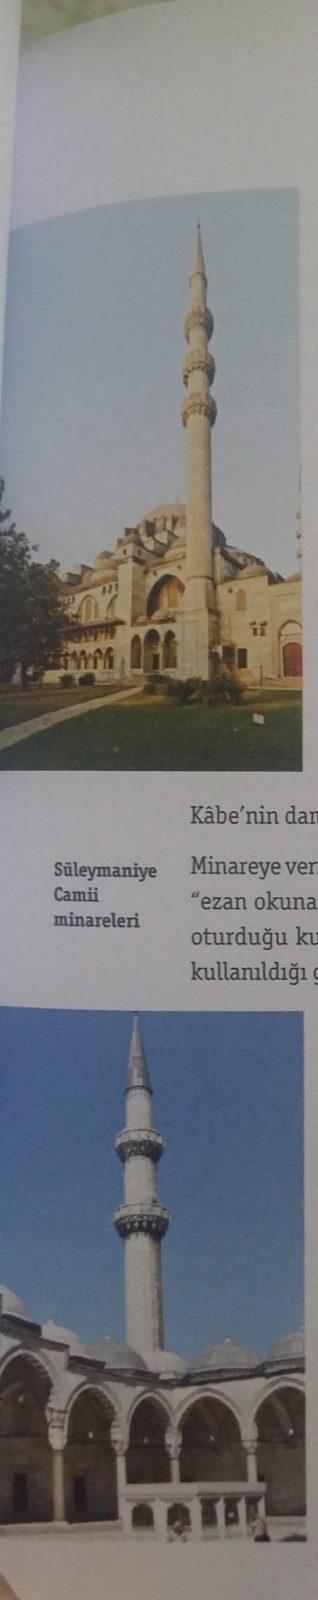 20170205_191808 (Süleymaniye Camii)Dış Mekan